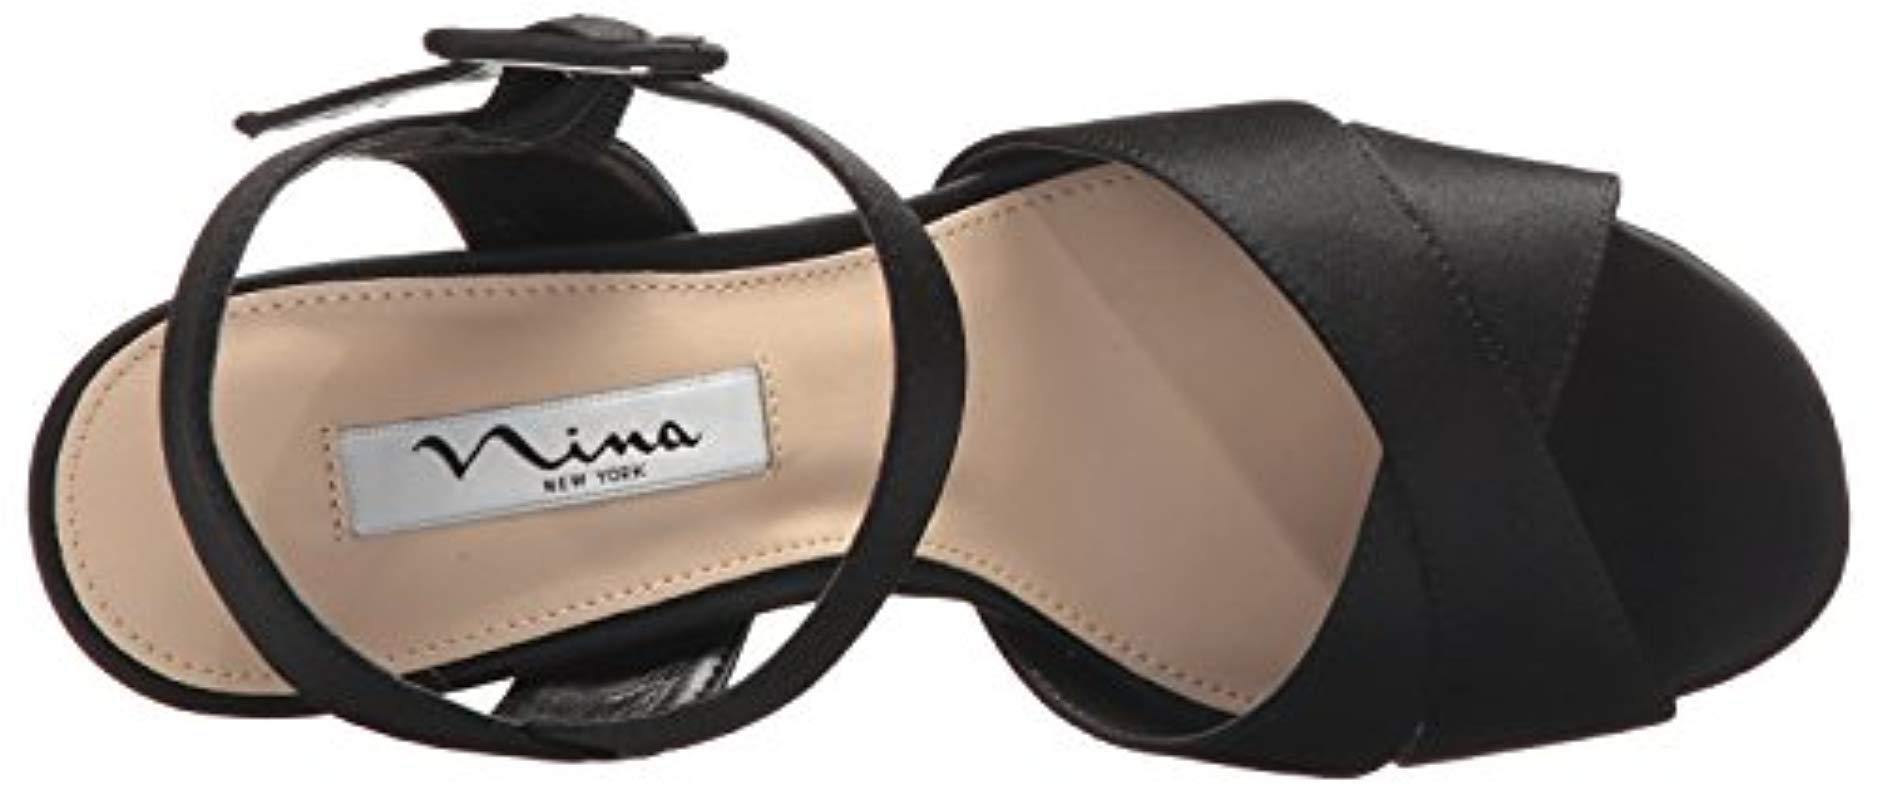 f99f981a746d Nina - Black Savita Platform Dress Sandal - Lyst. View fullscreen